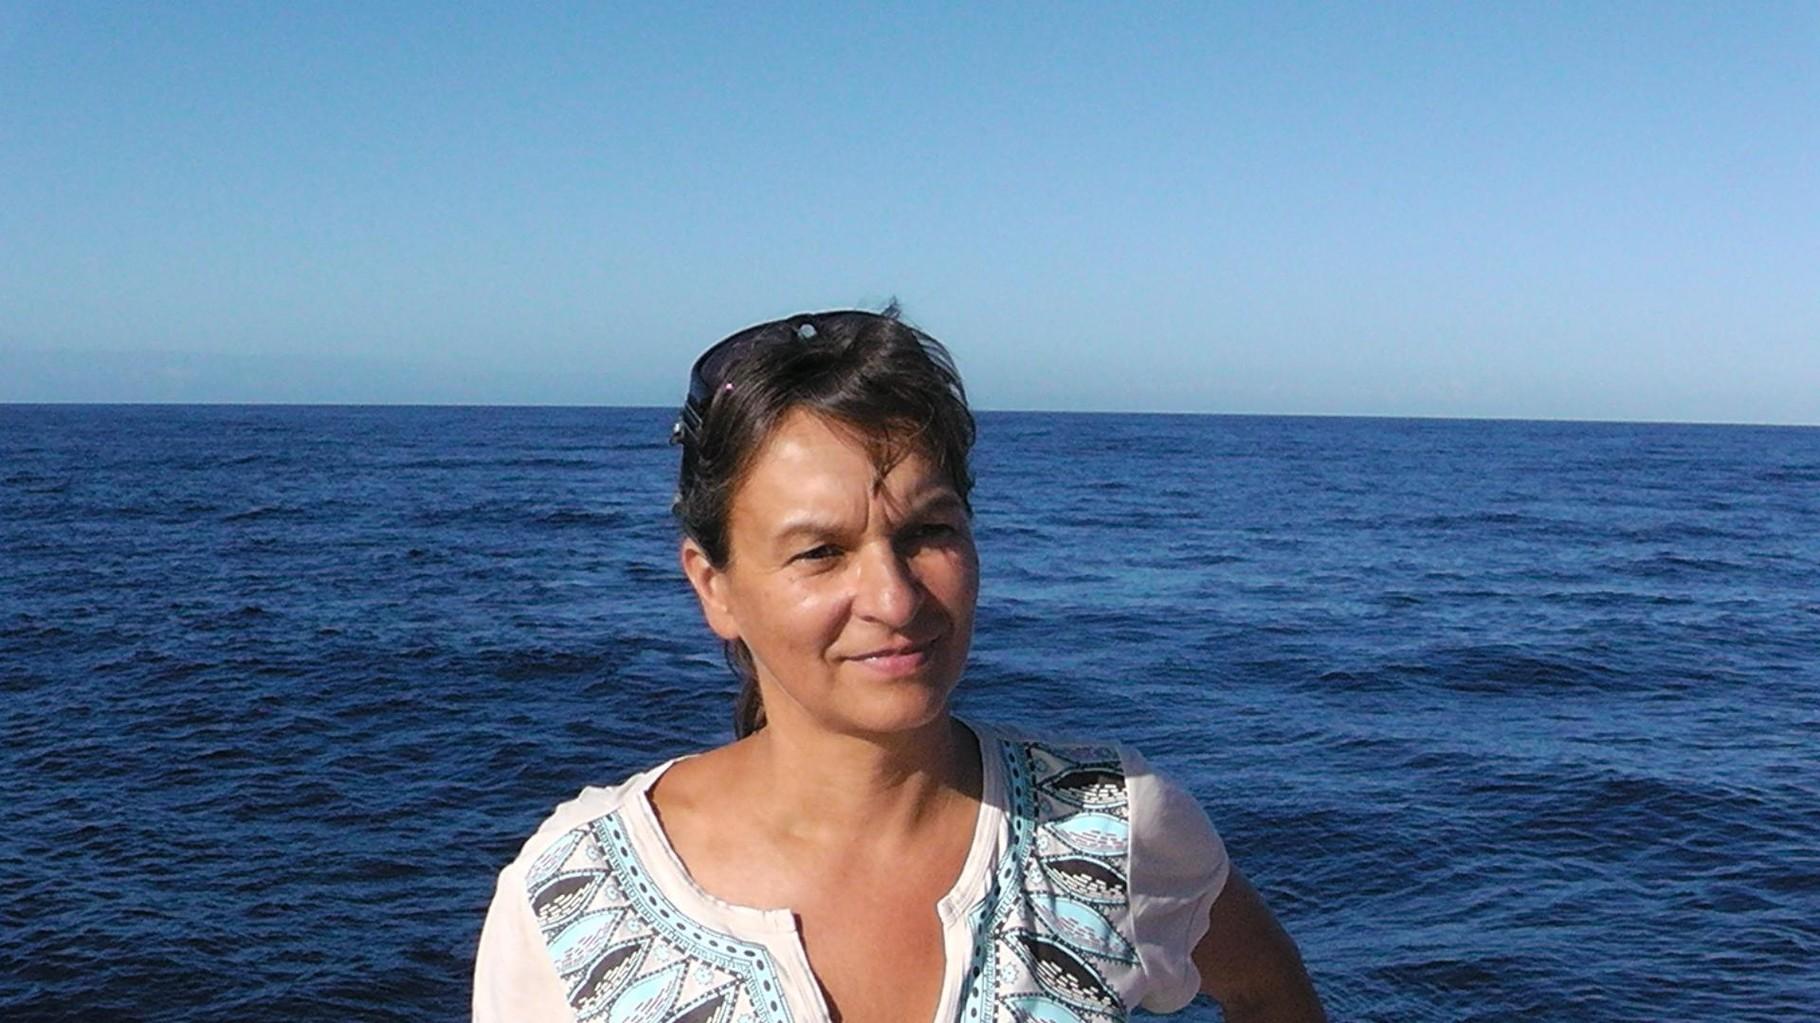 und am freien Tag auf die See (Indischer Ozean)